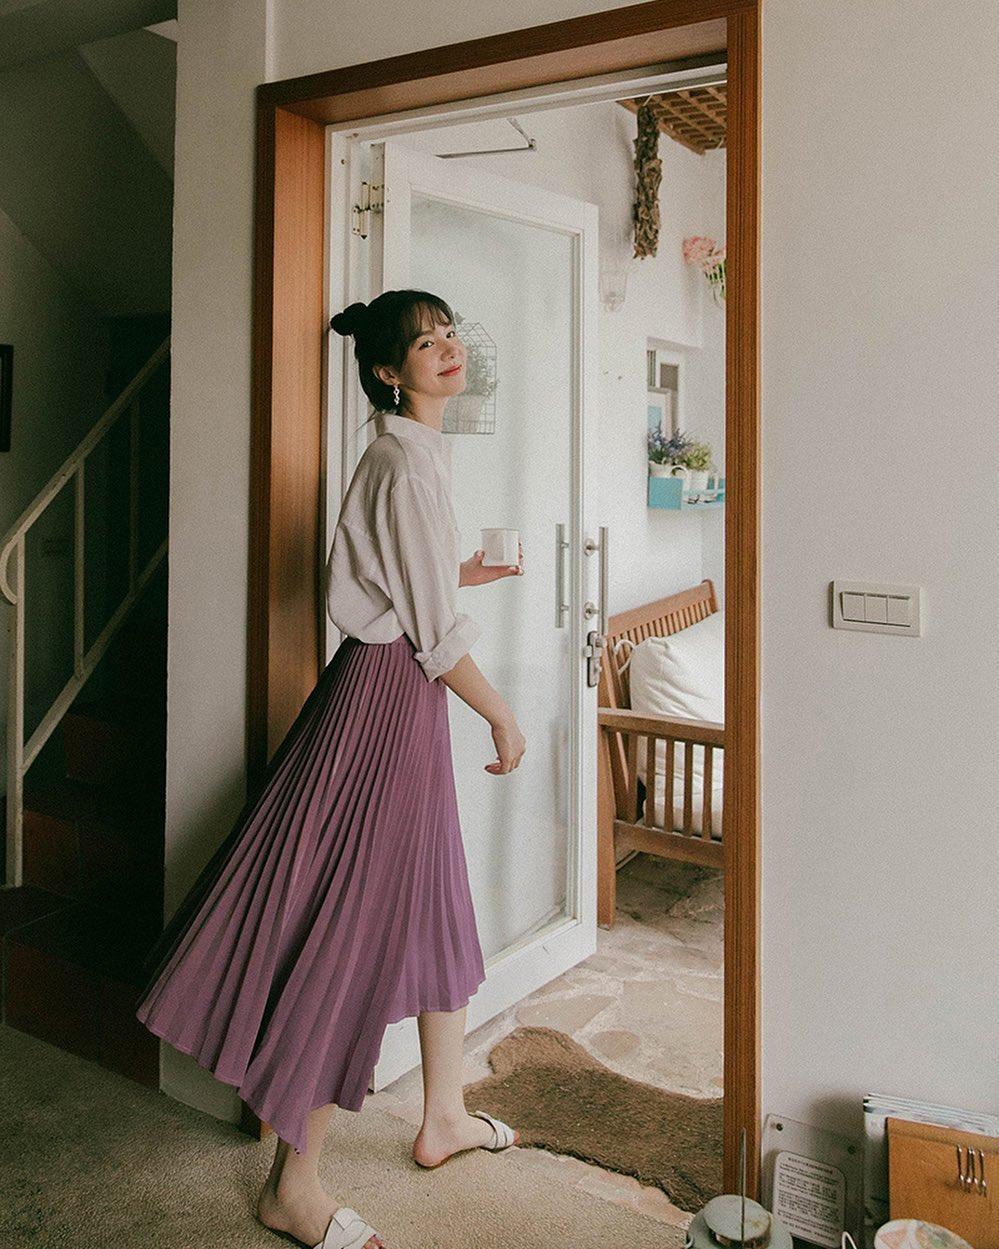 5 kiểu chân váy dài xinh và sang đến mức muốn diện không ngừng, chị em sắm về dịp Black Friday là quá chuẩn - Ảnh 14